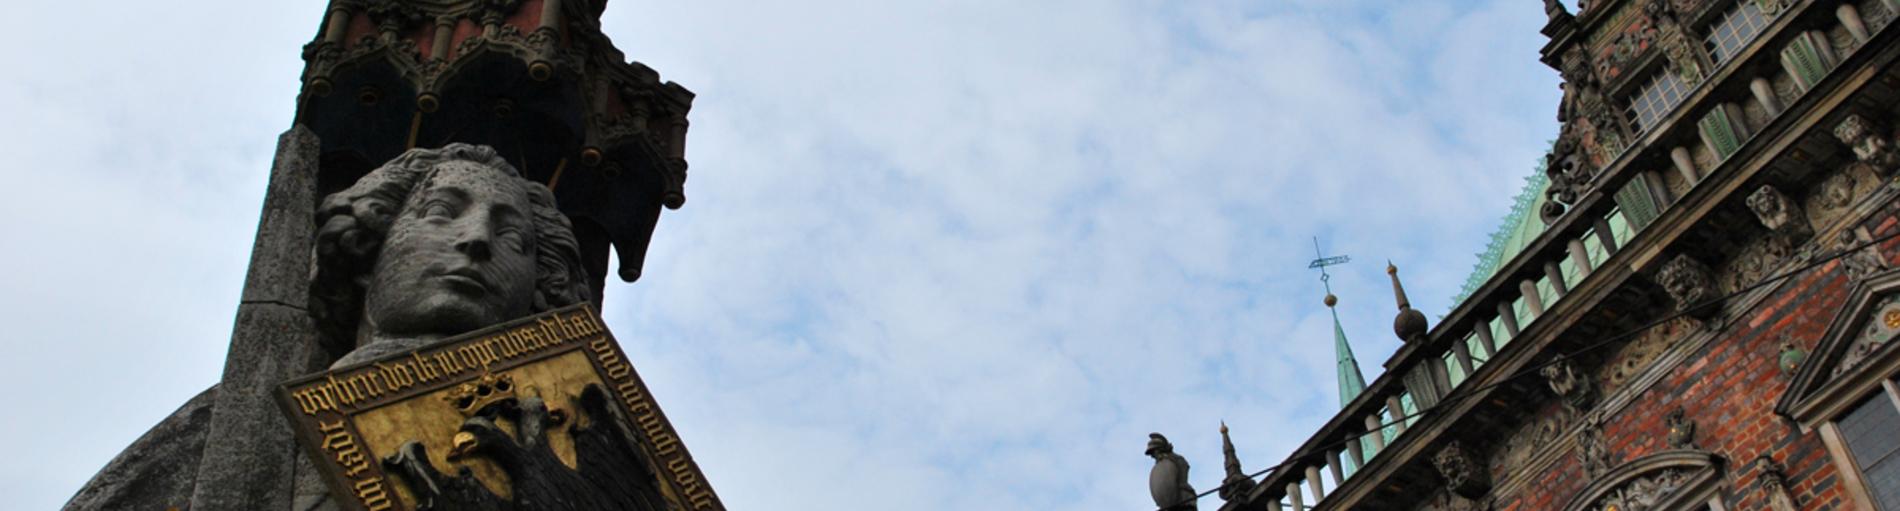 Der berühmte Bremer Roland und das Rathaus auf einem Bild; Quelle: privat/JUA